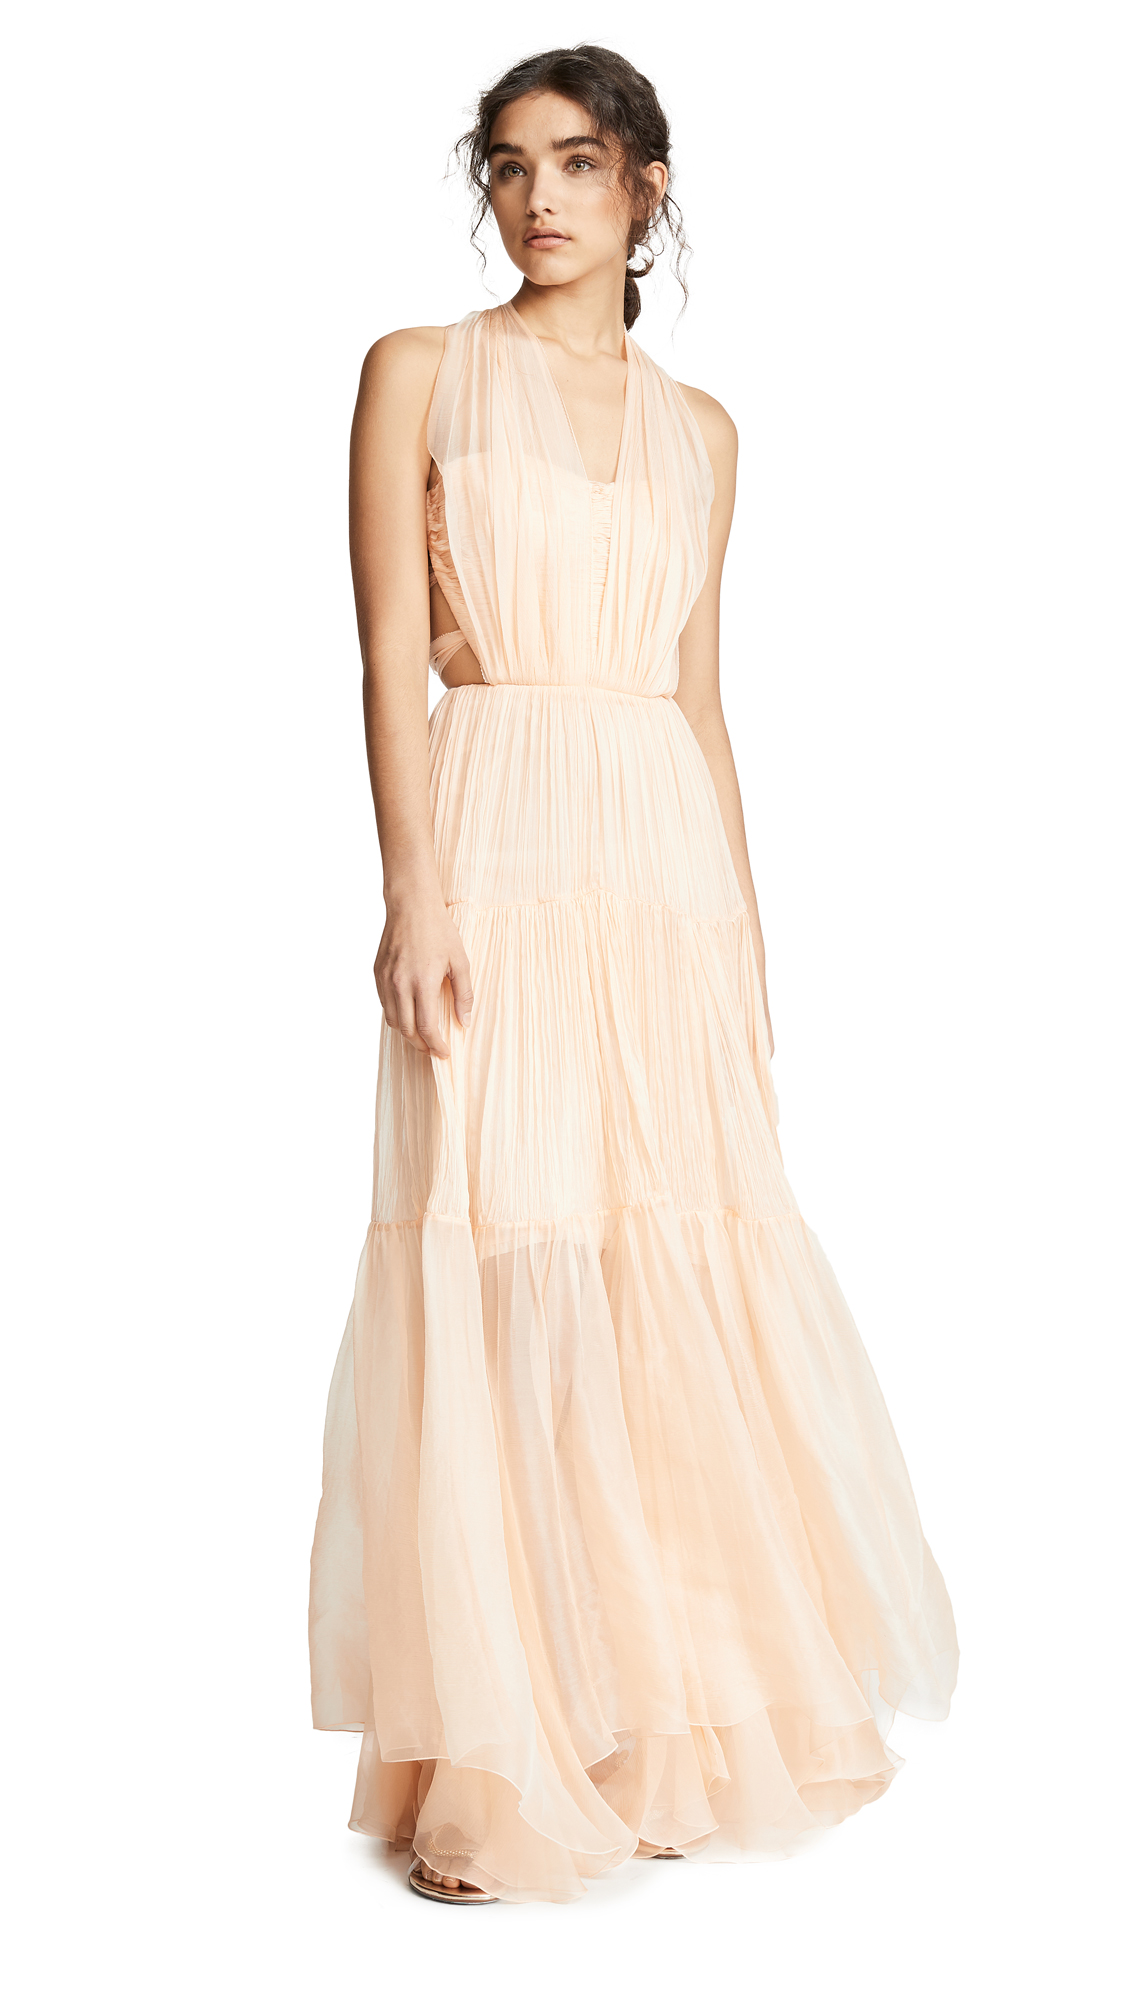 Maria Lucia Hohan Poppy Dress